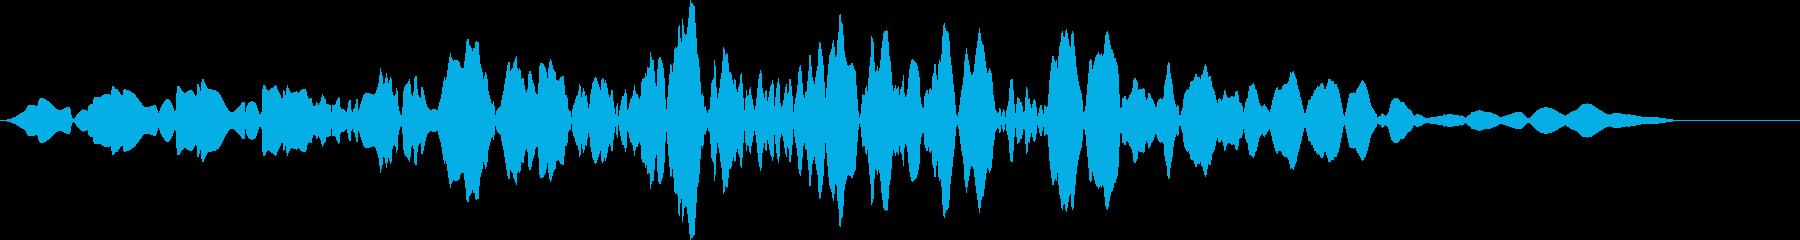 プオッ(スコアカウンター・お知らせ音)の再生済みの波形